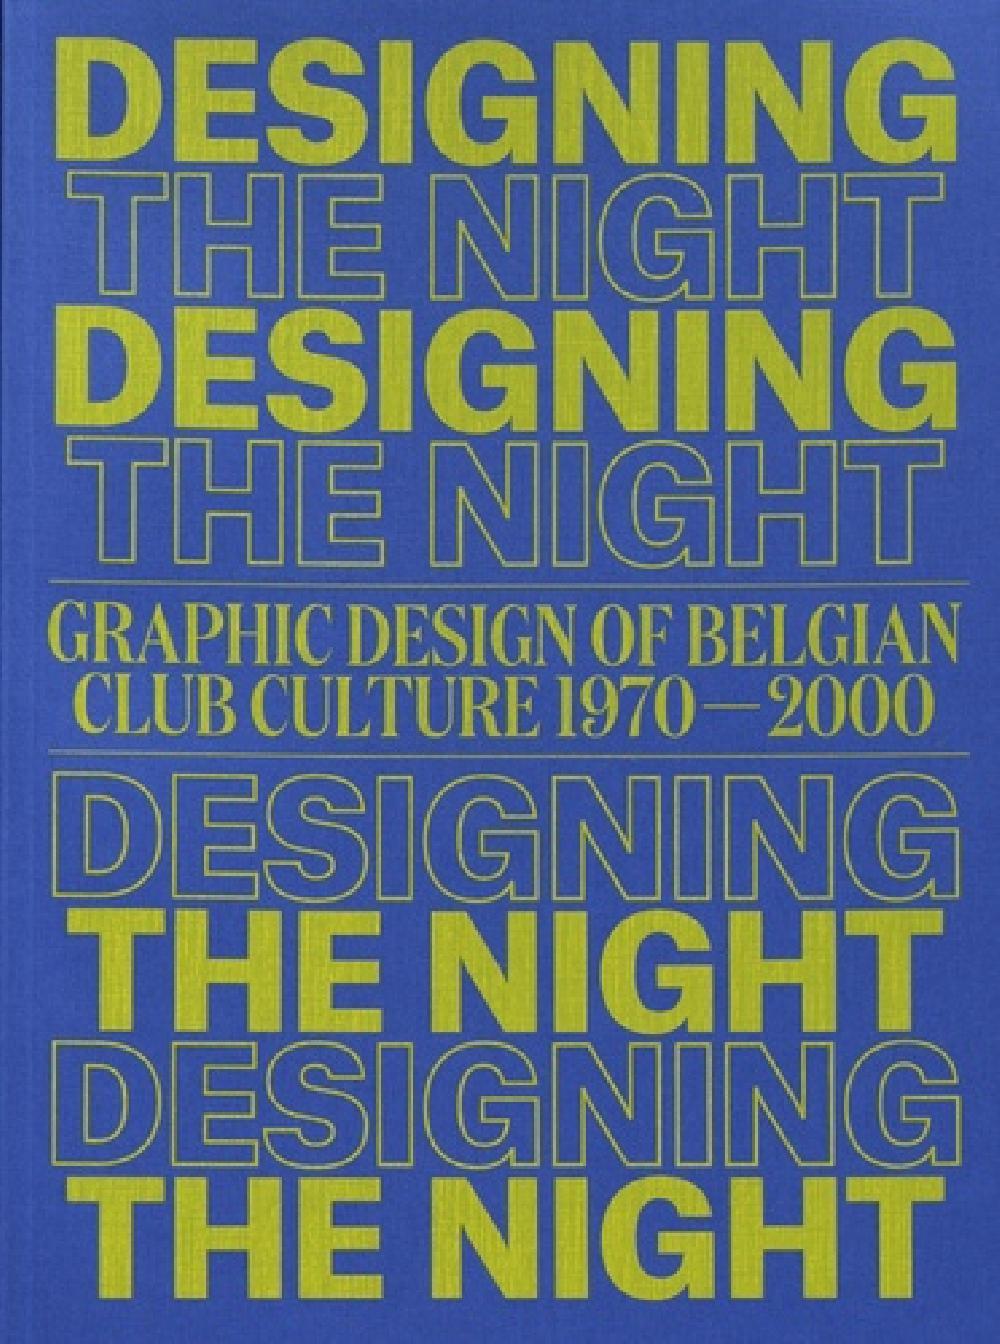 Designing the Night - Graphic Design of Belgian Club Culture 1970-2000